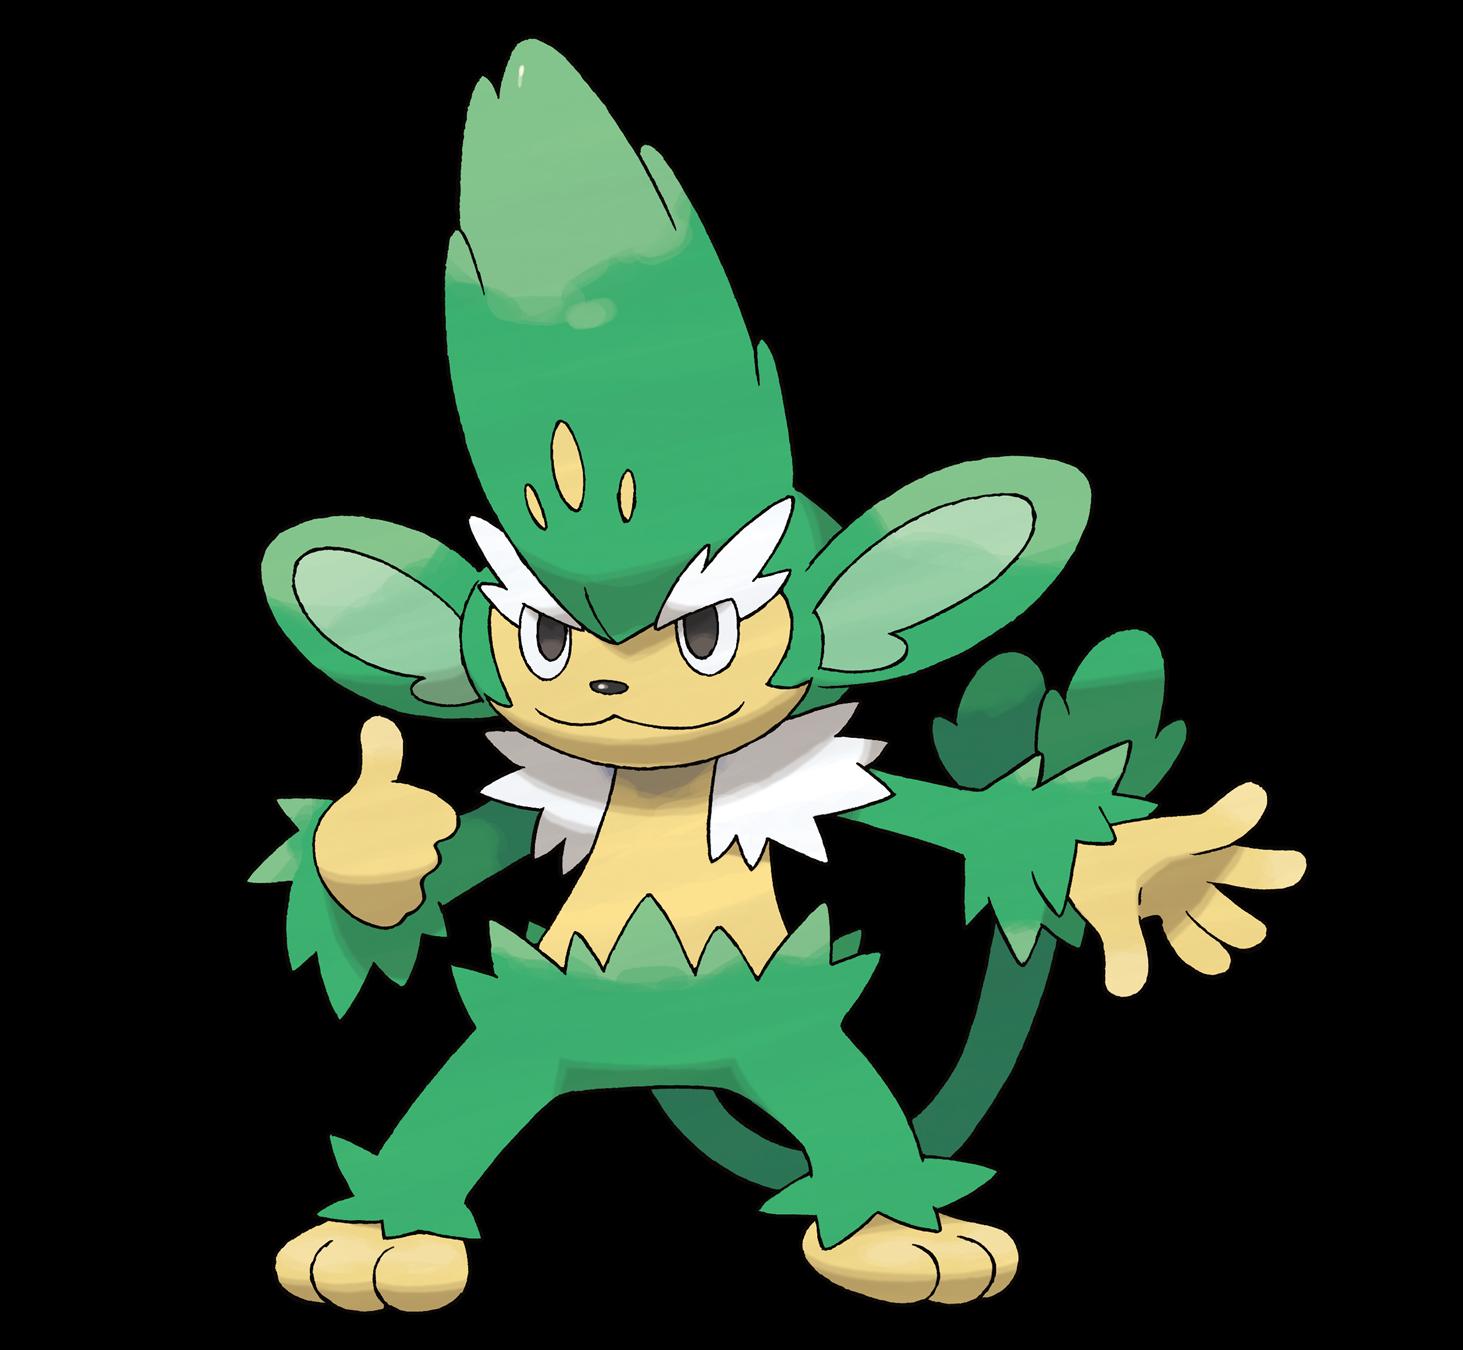 Equipos Pokémon de vuestros personajes - Página 3 Latest?cb=20151017152422